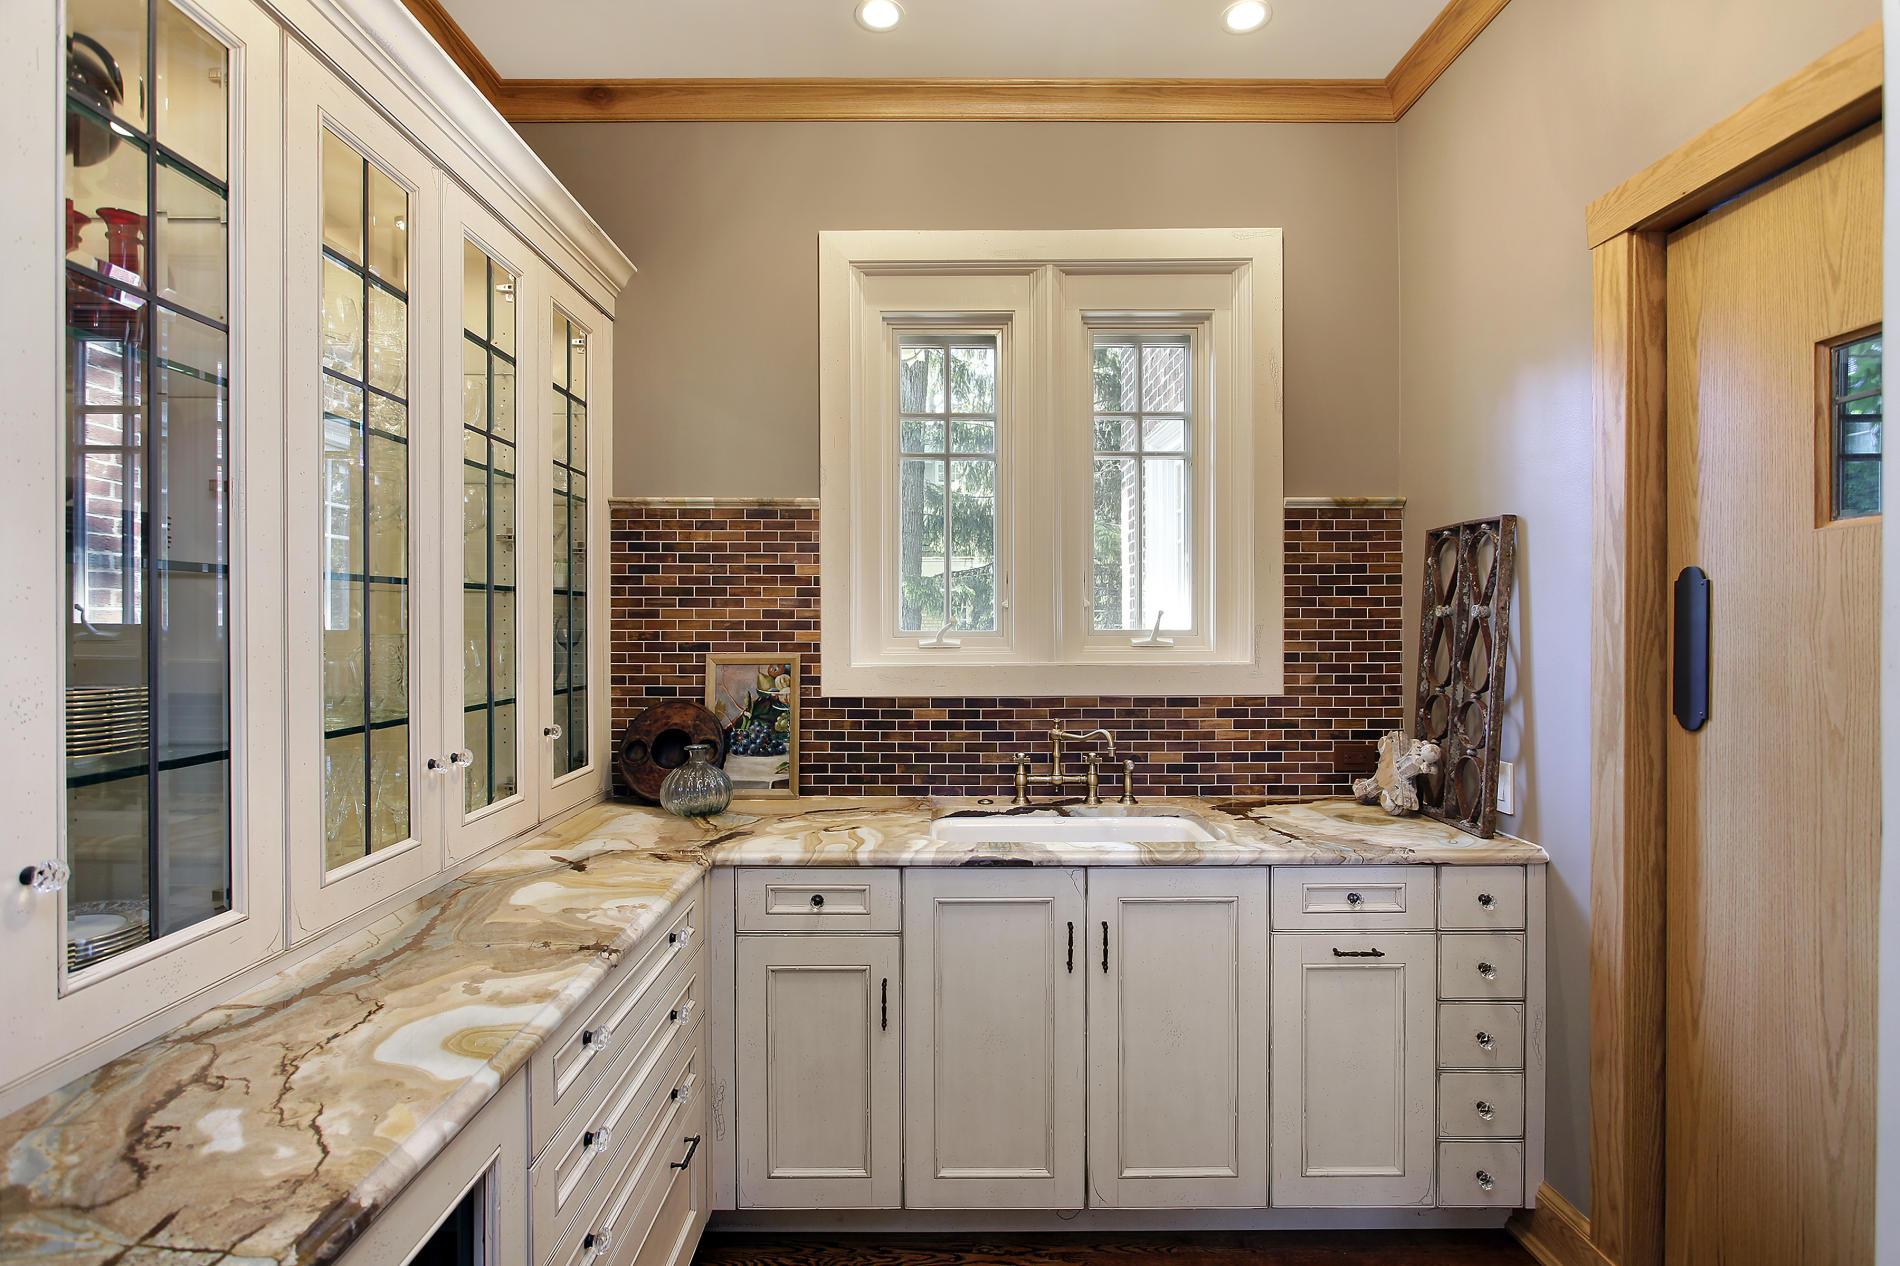 дизайн интерьера загородного дома ванная.jpg